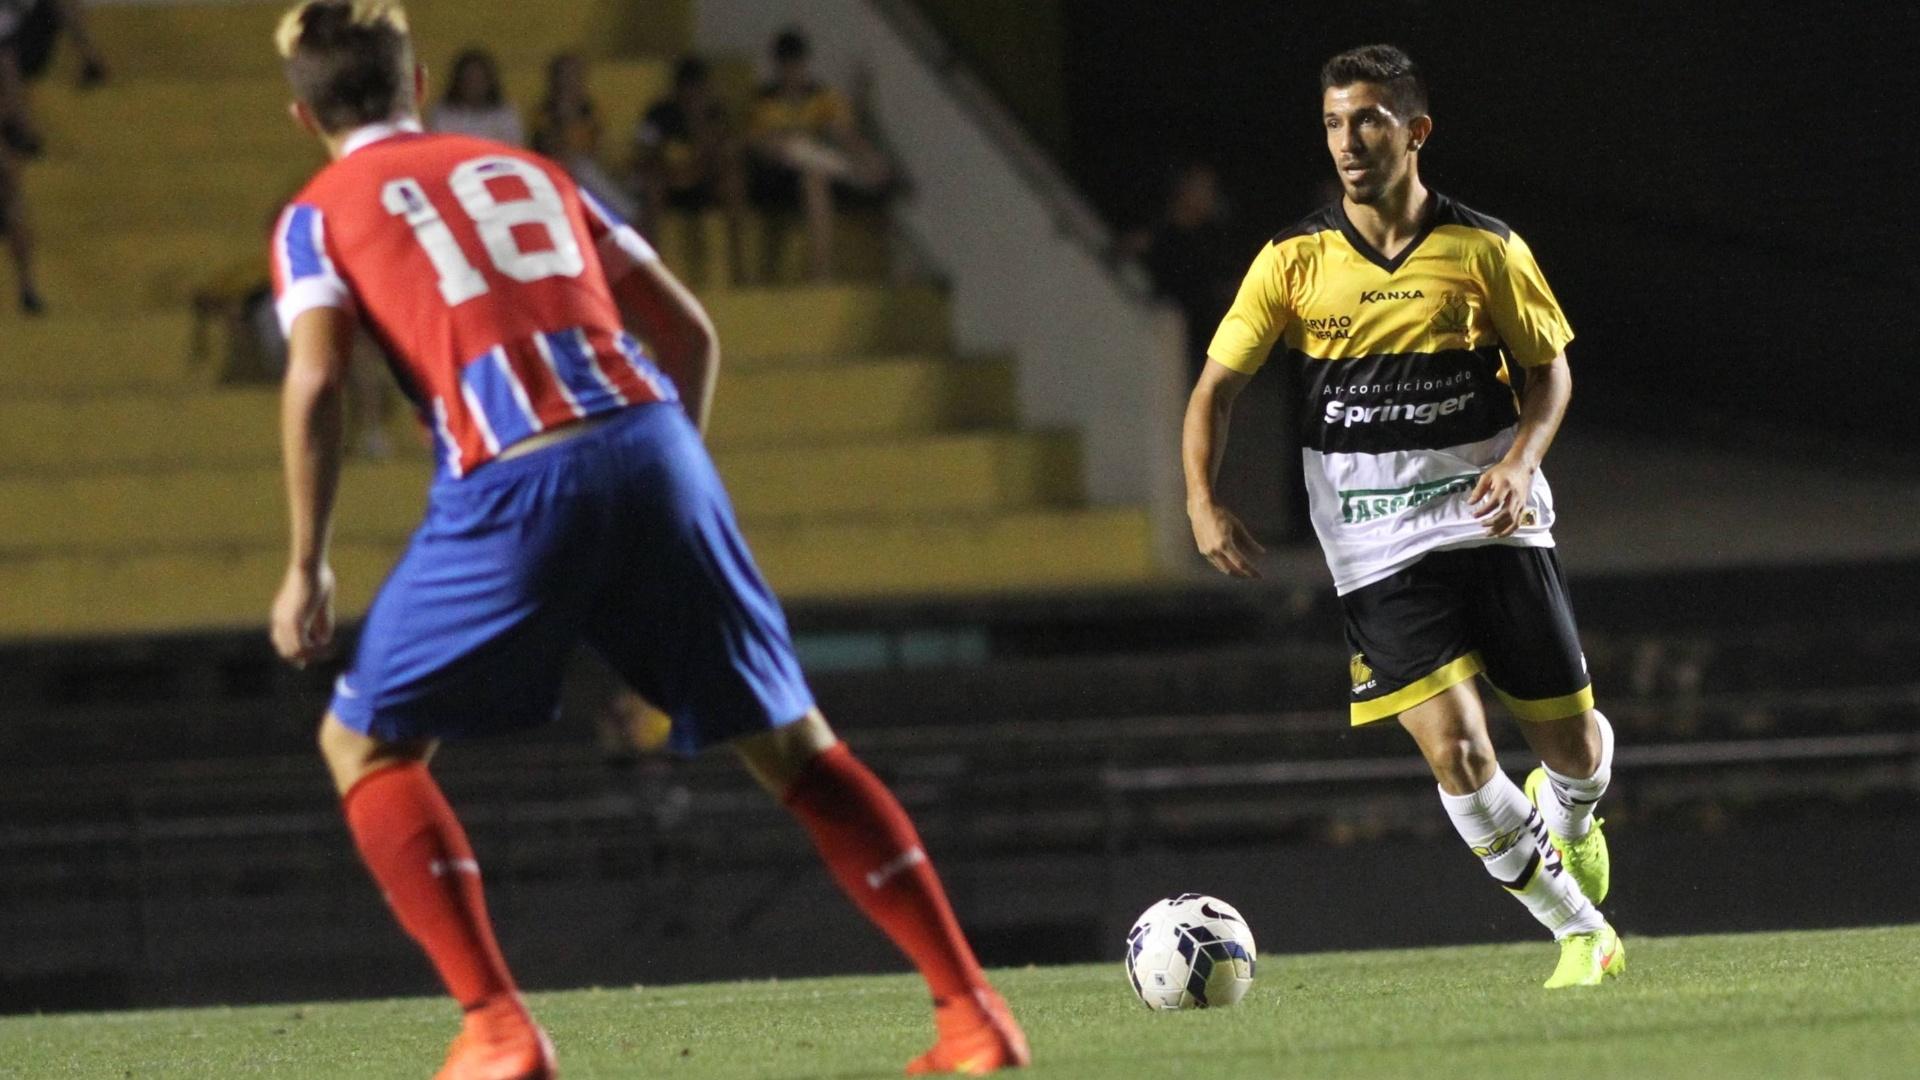 ricardinho conduz a bola para o Criciúma no duelo com o Bahia